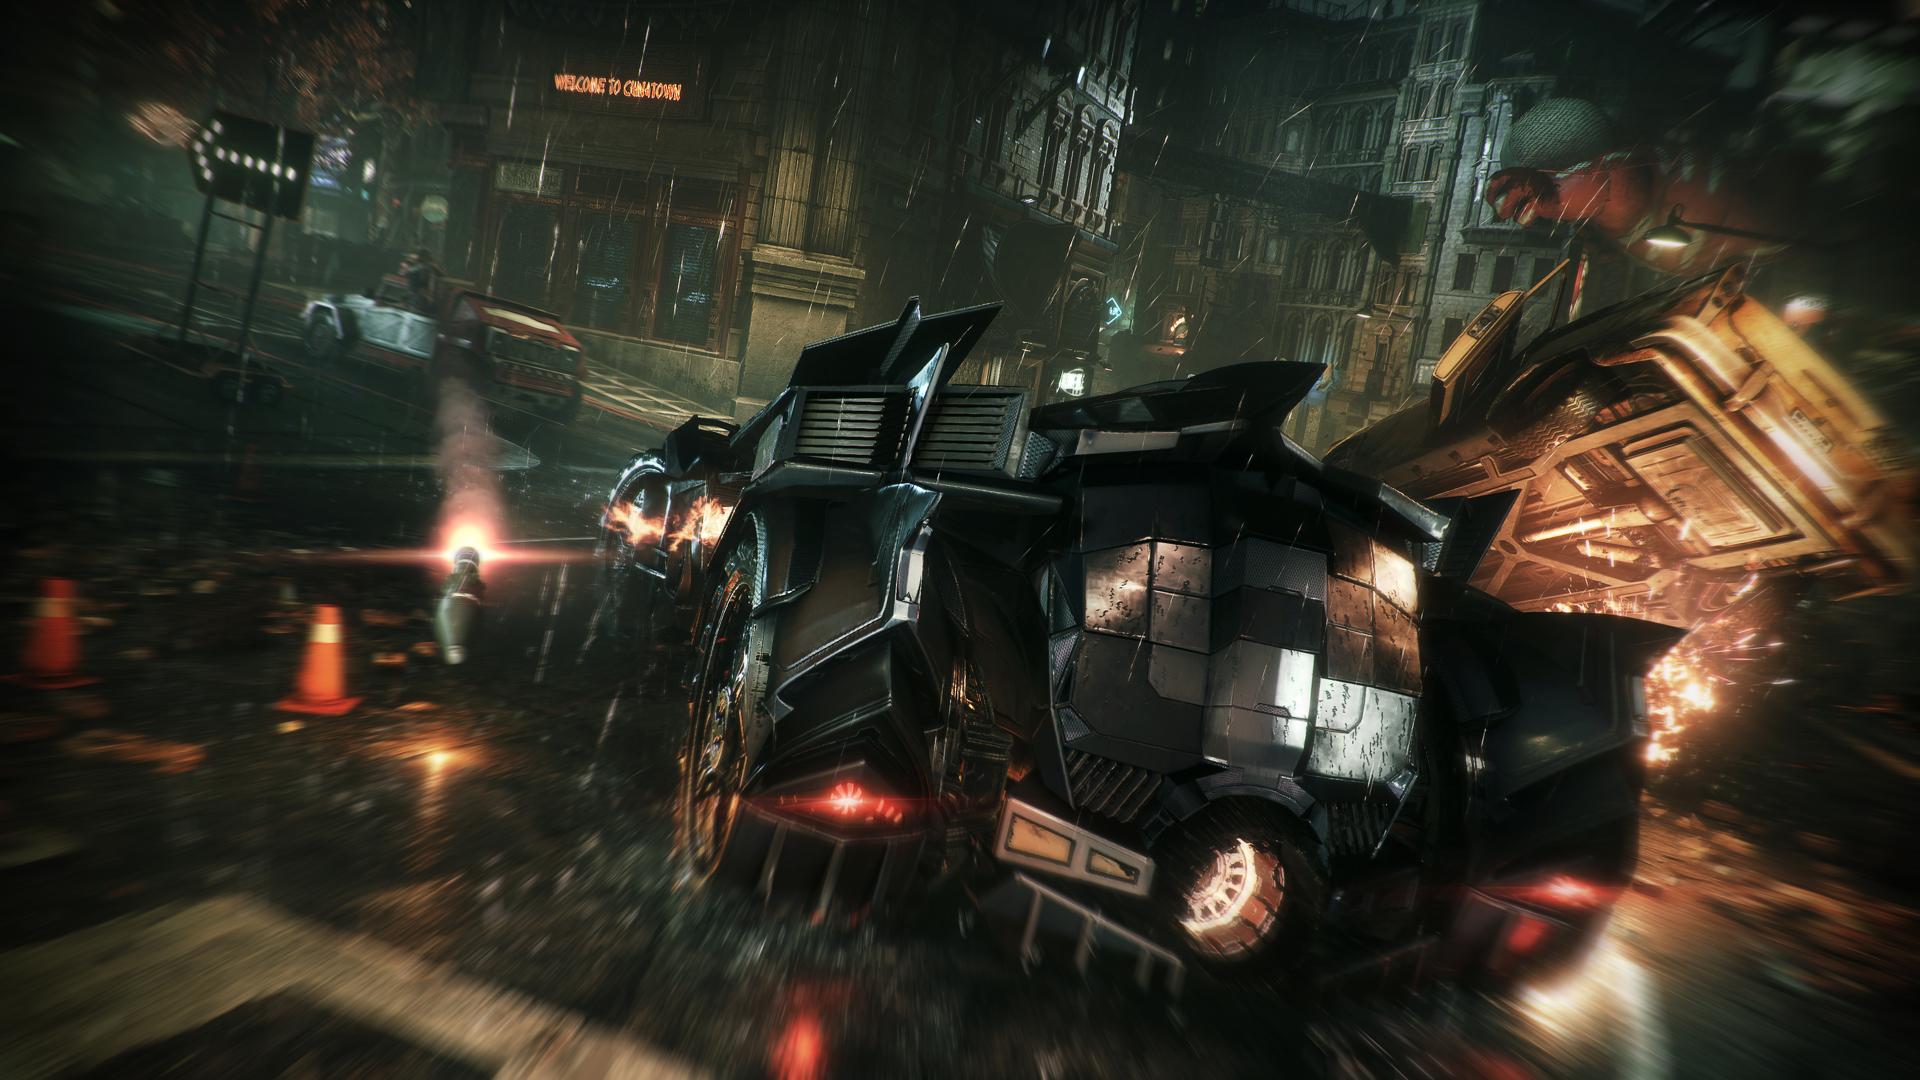 Výzvy s Batmobilem a další ukázky z nového Batmana 110679